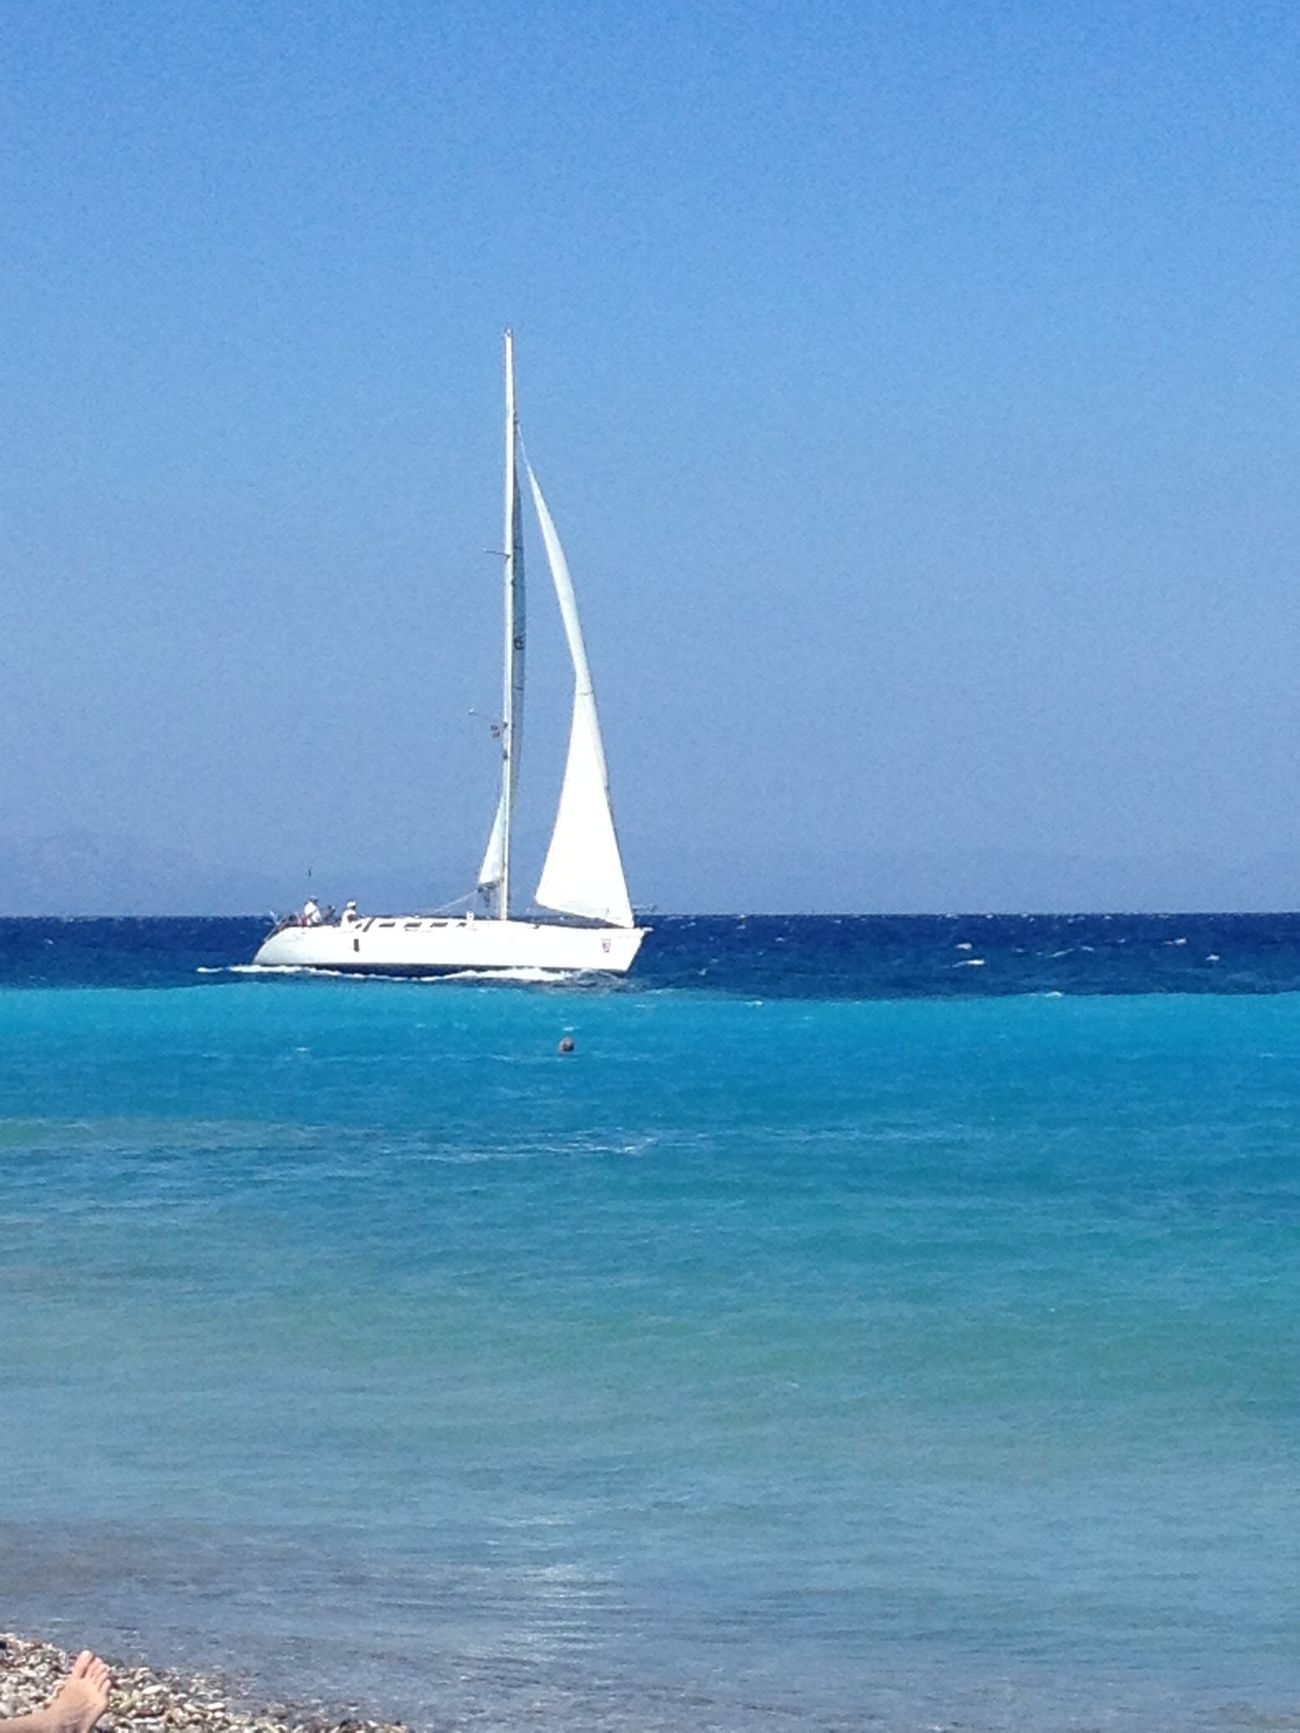 Sail away.